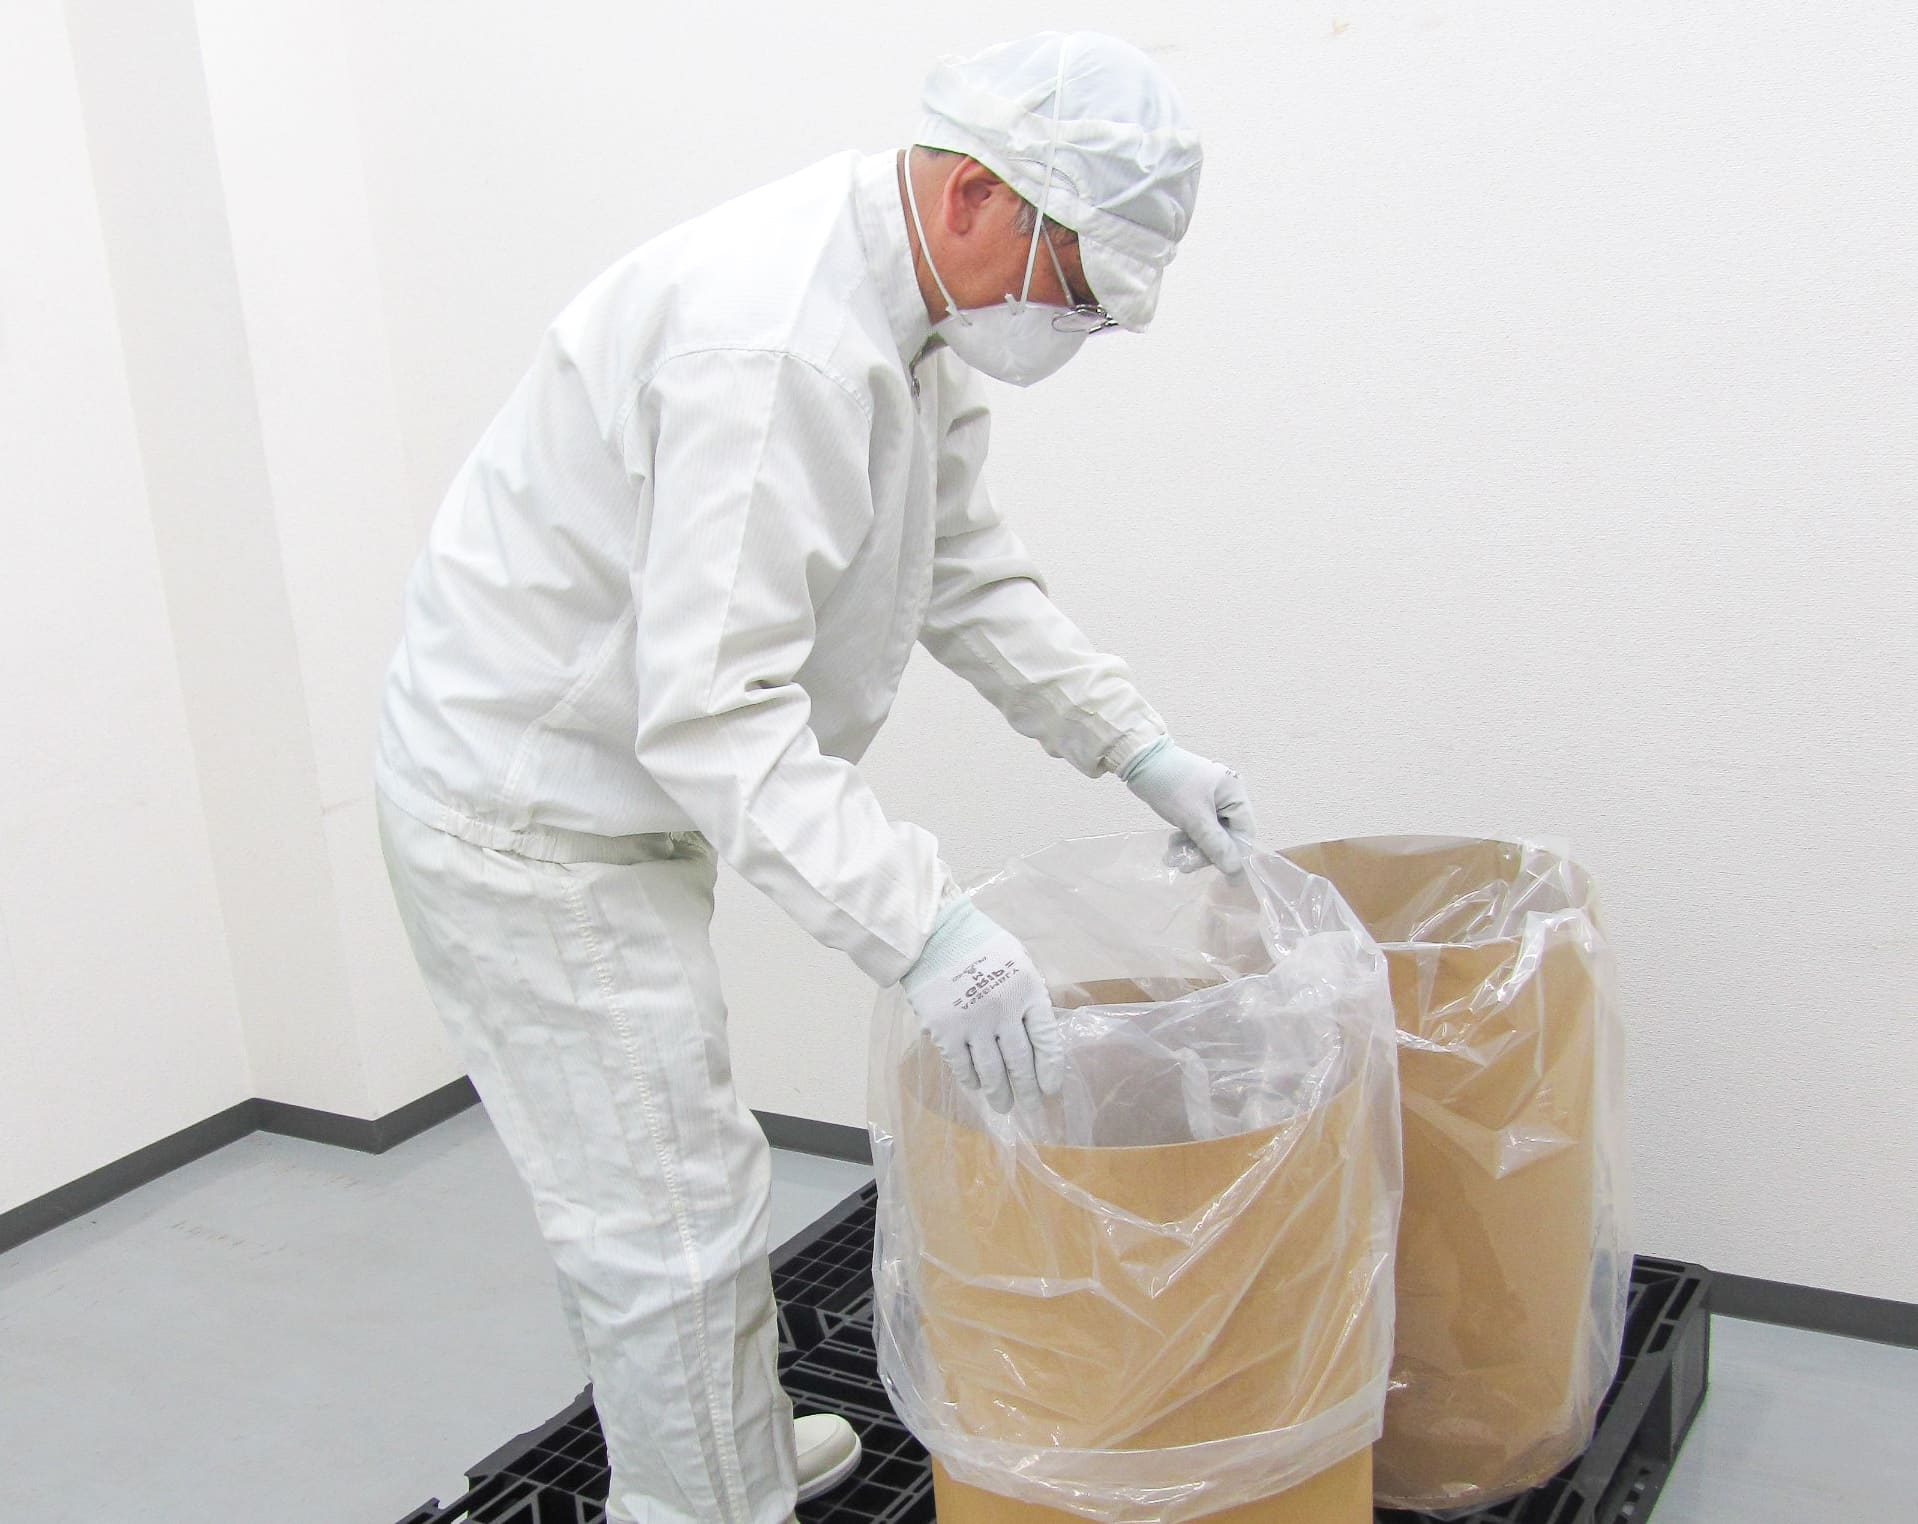 三菱ケミカルでタンクに原料を投入する製品製造作業員 採用情報 九州運輸建設株式会社 北九州市